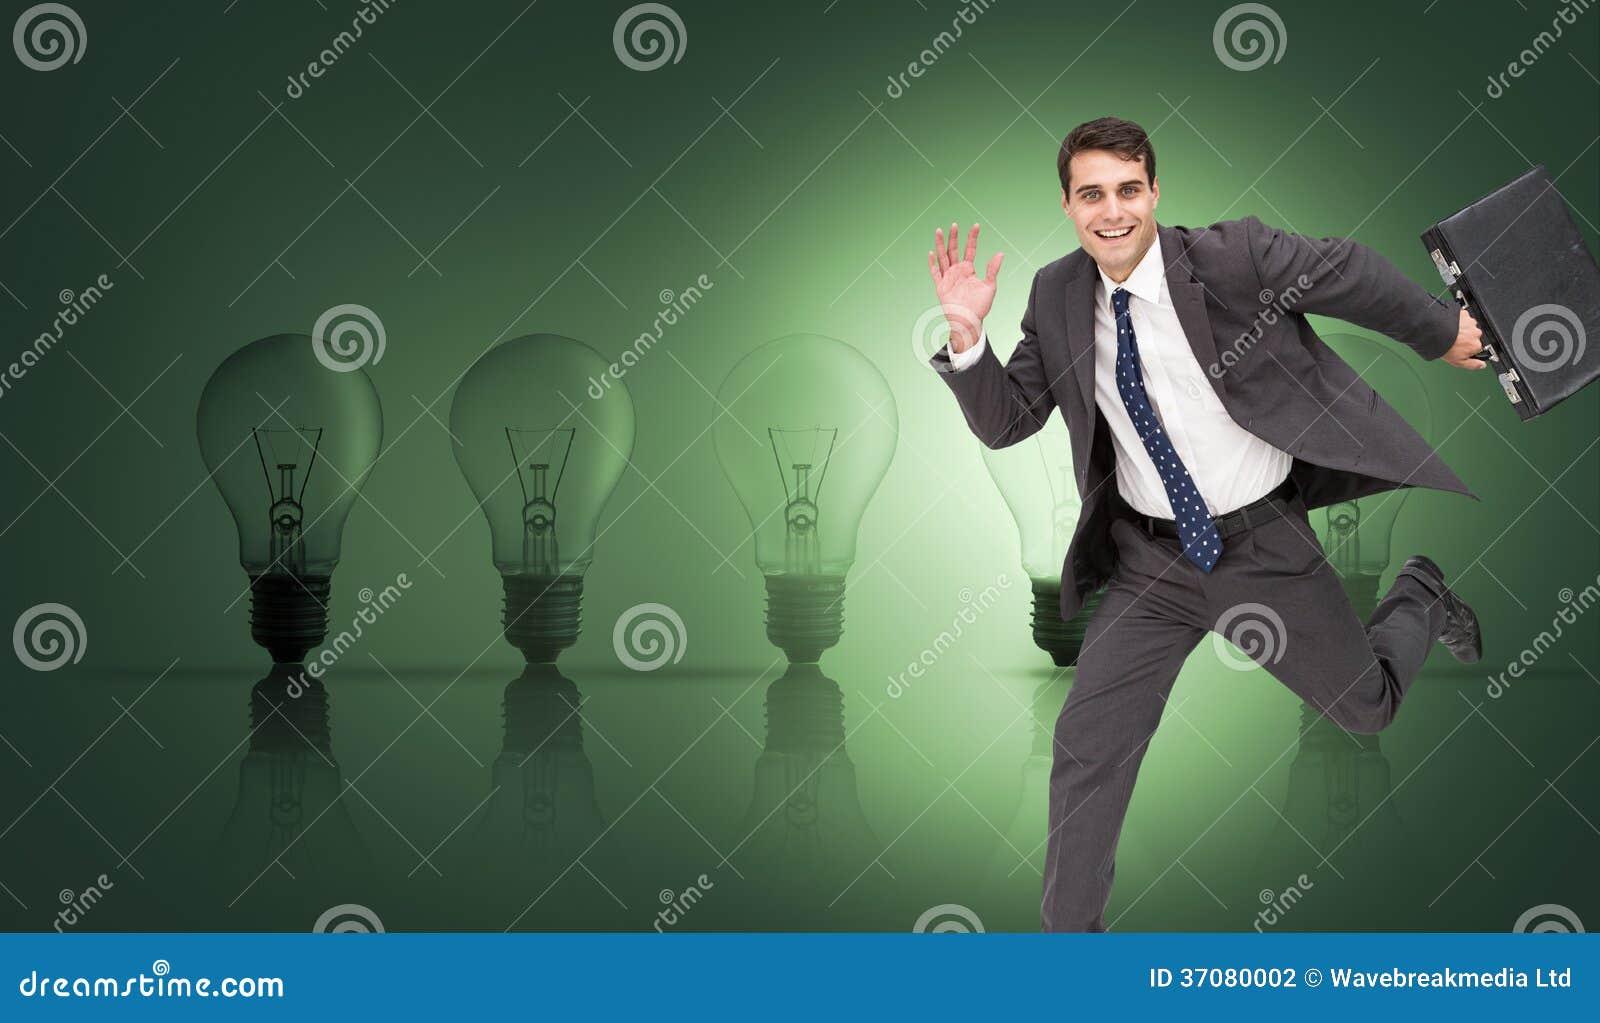 Download Rozochocony Biznesmen W Hury Zdjęcie Stock - Obraz złożonej z iluminacja, osoba: 37080002